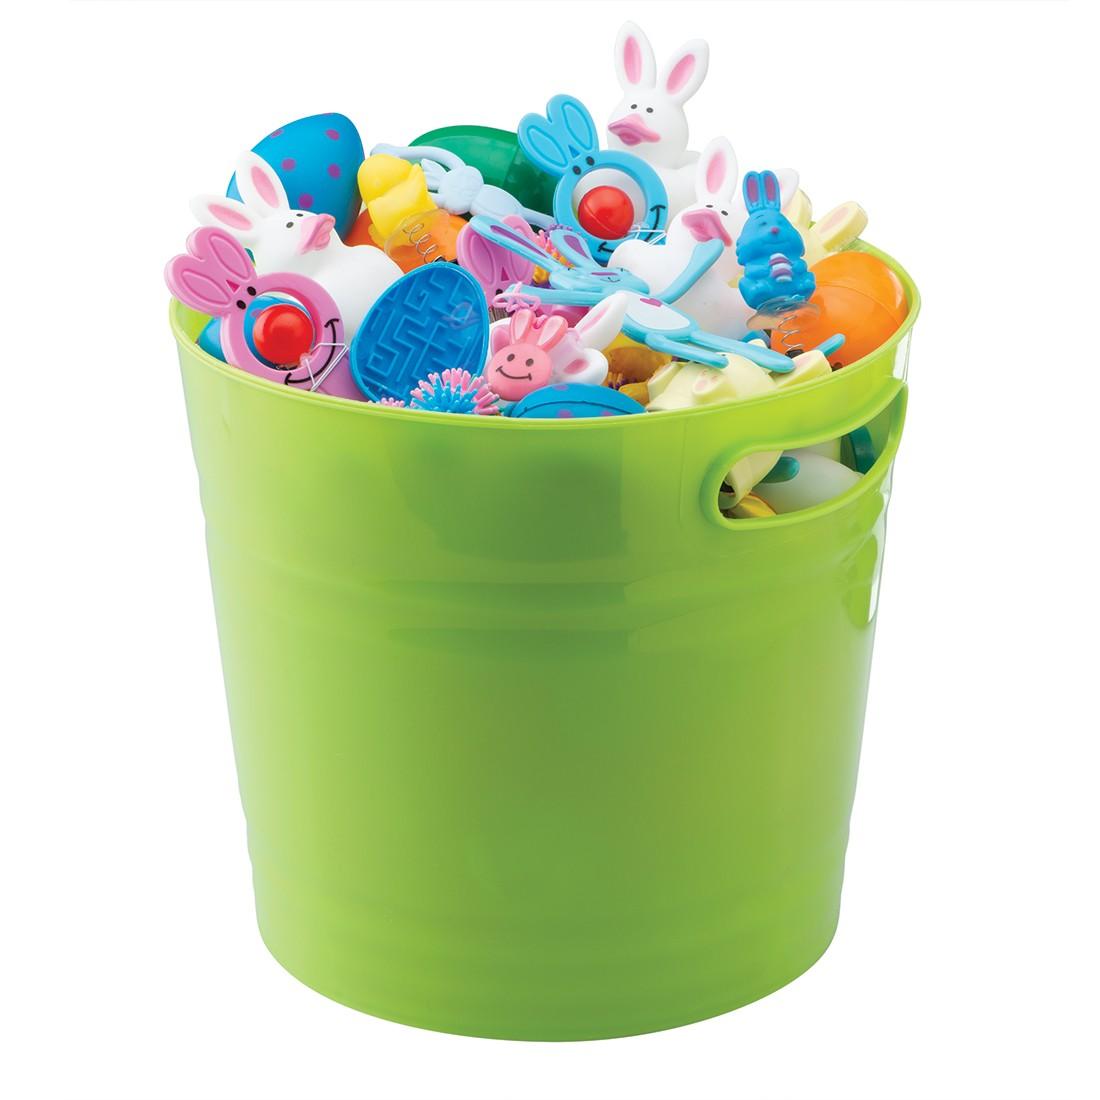 SmileMakers Easter Basket Sampler [image]